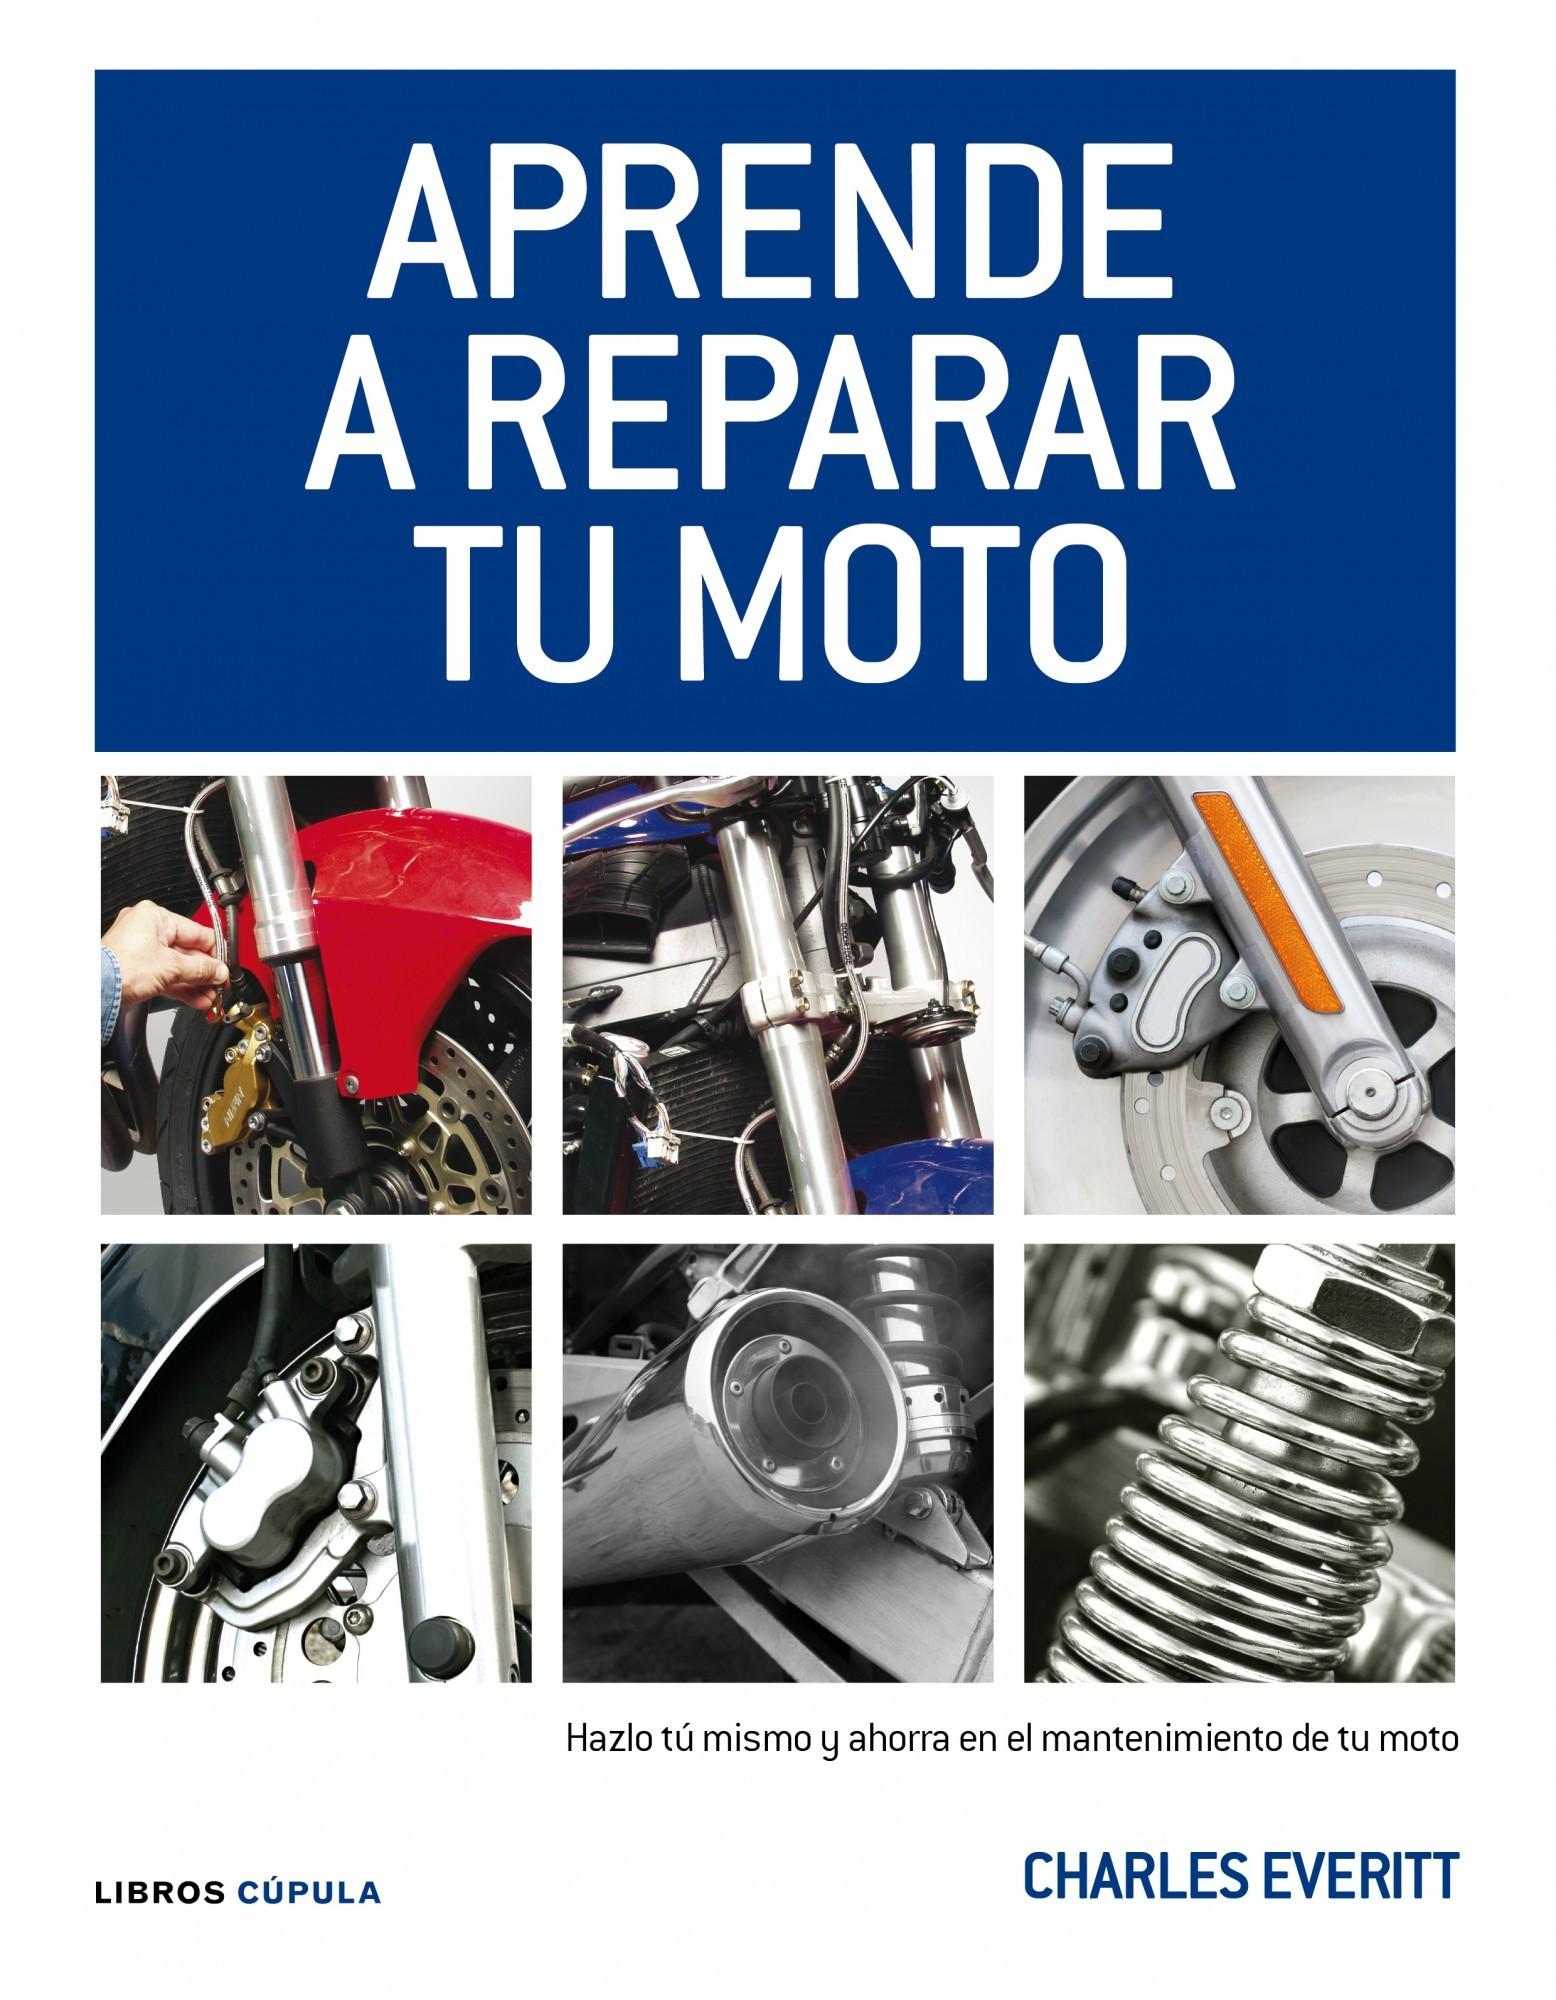 APRENDE A REPARAR TU MOTO: HAZLO TÚ MISMO Y AHORRA EN EL MANTENIMIENTO DE TU MOTO